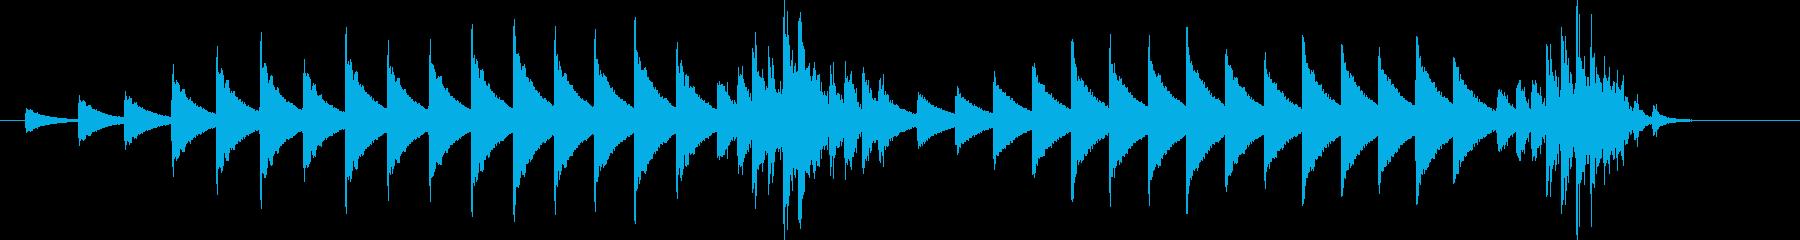 大太鼓33雪音歌舞伎情景描写和風和太鼓雪の再生済みの波形